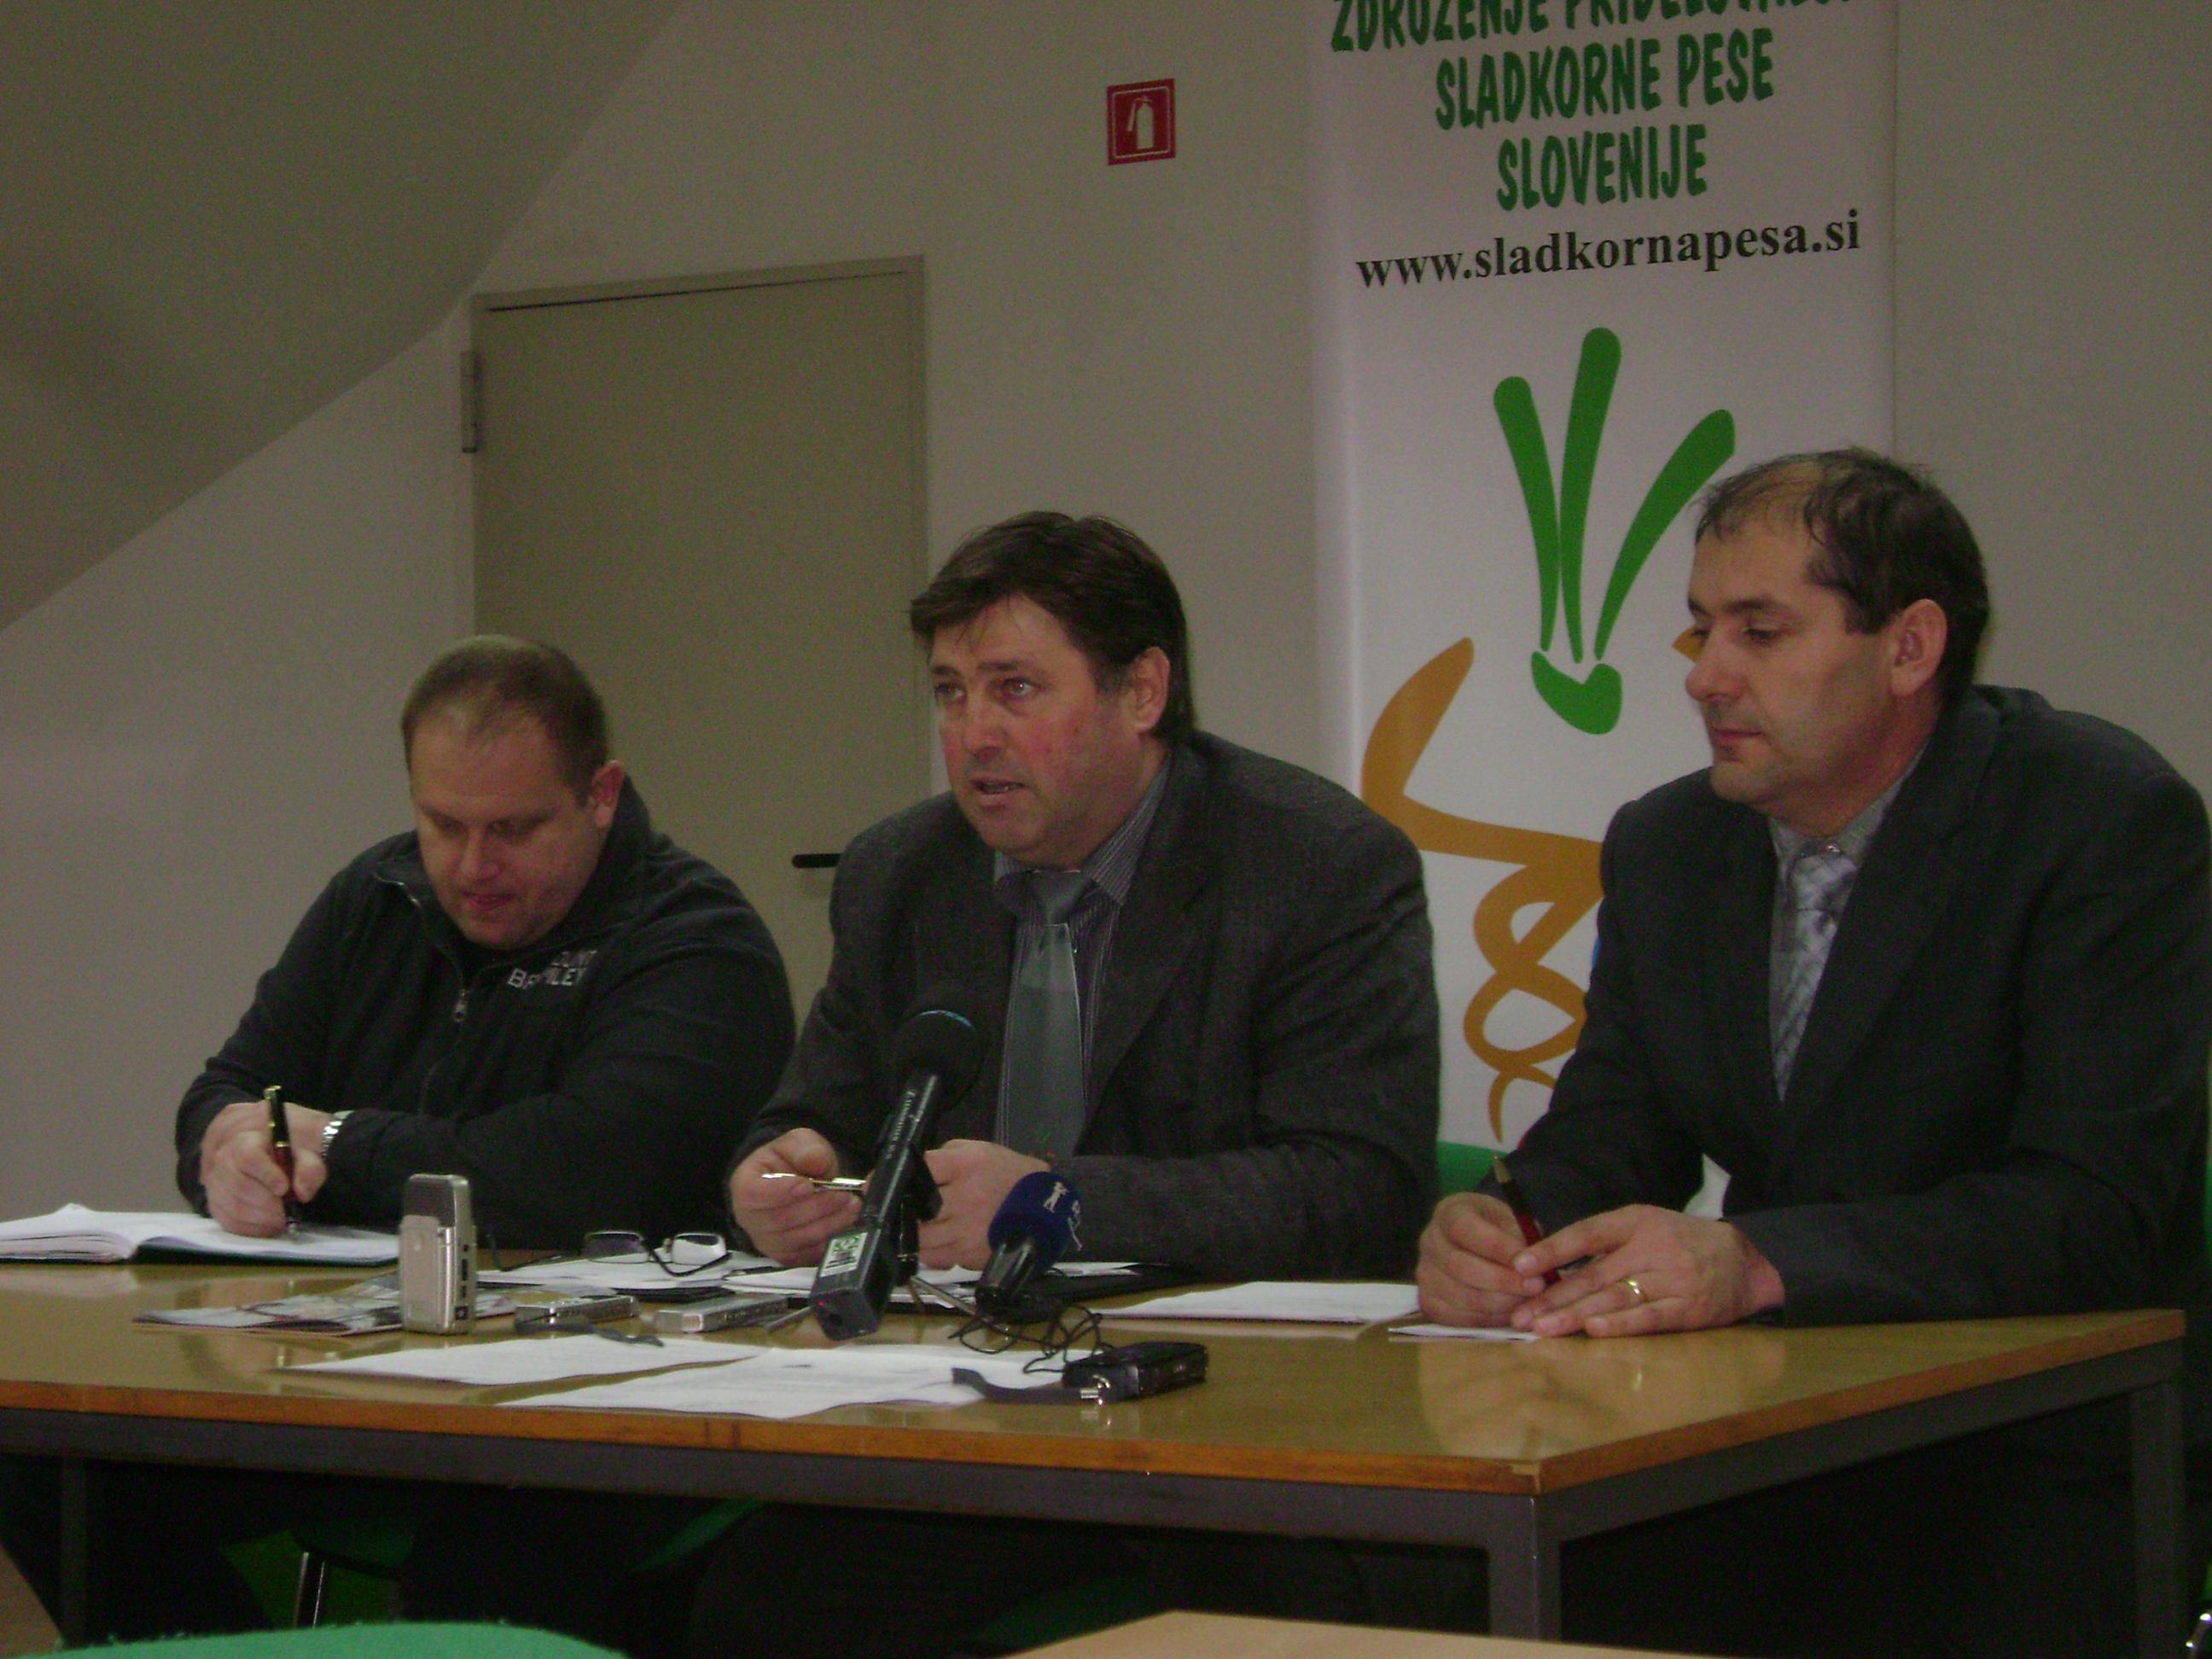 Z minule tiskovne konference ZPSP Slovenije